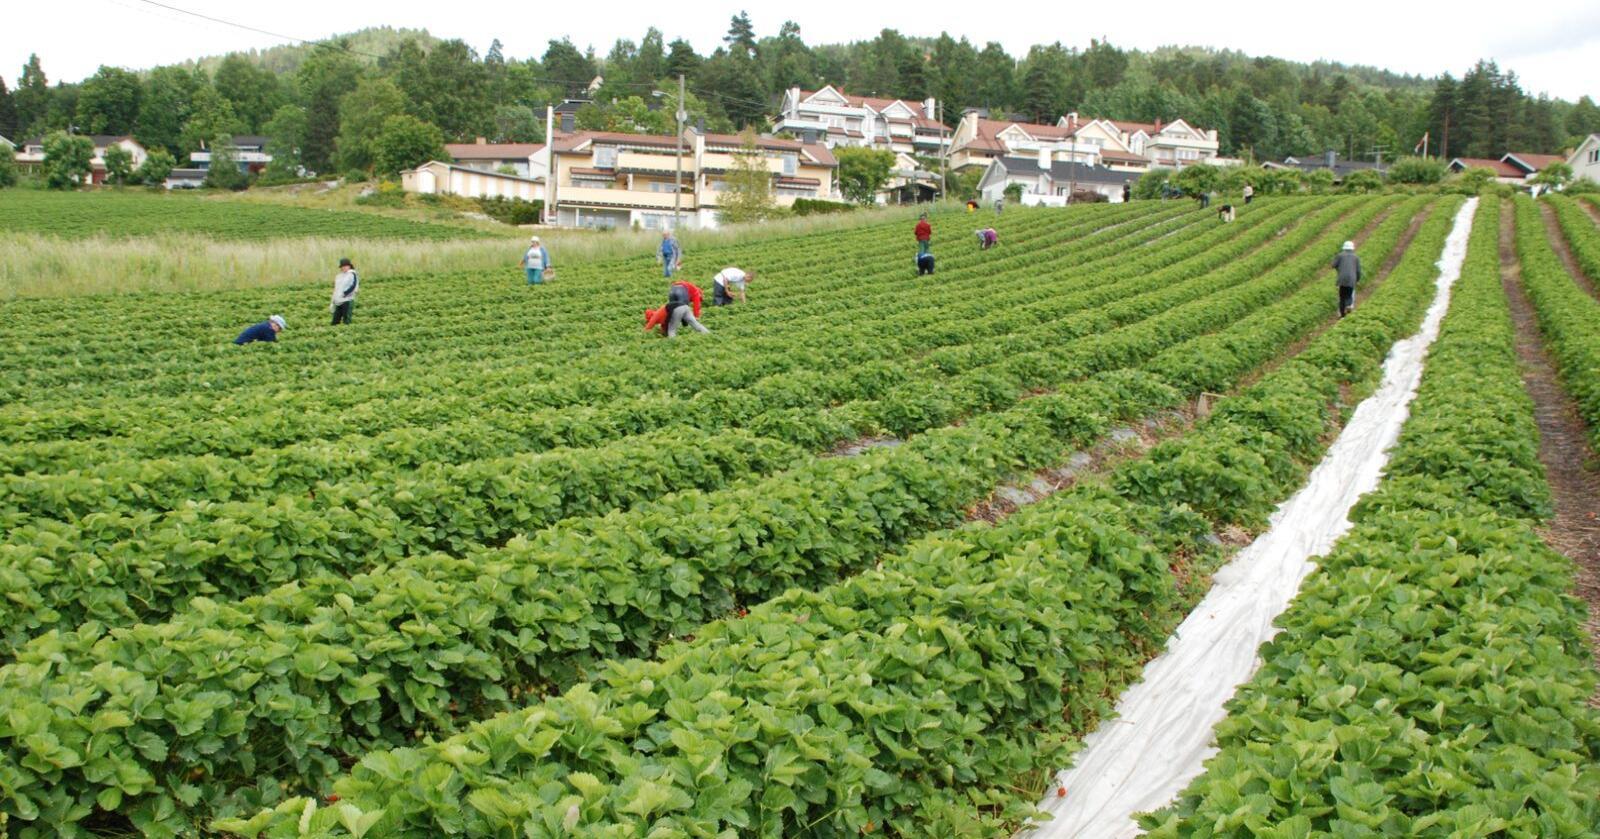 Norske jordbærprodusenter har tatt inn flere nye, norske sesongarbeidere i år som følge av særskilt stort behov for arbeidskraft. Foto: Ellen Munden Paalgard